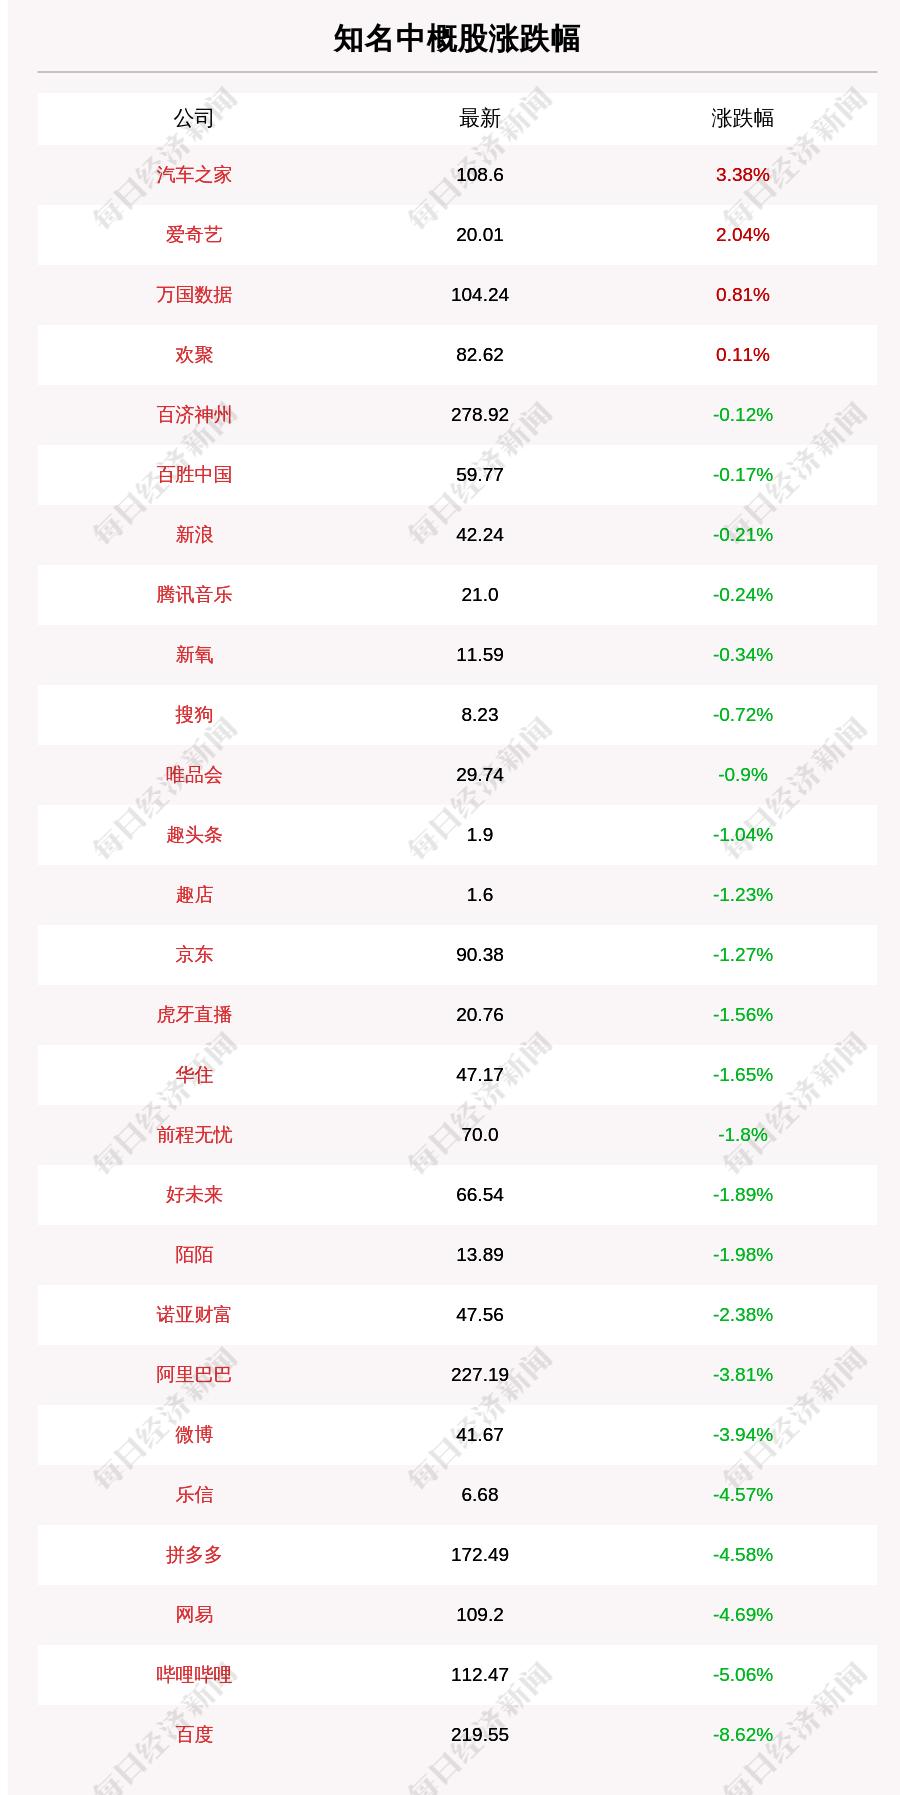 1月12日知名中概股收盘情况一览